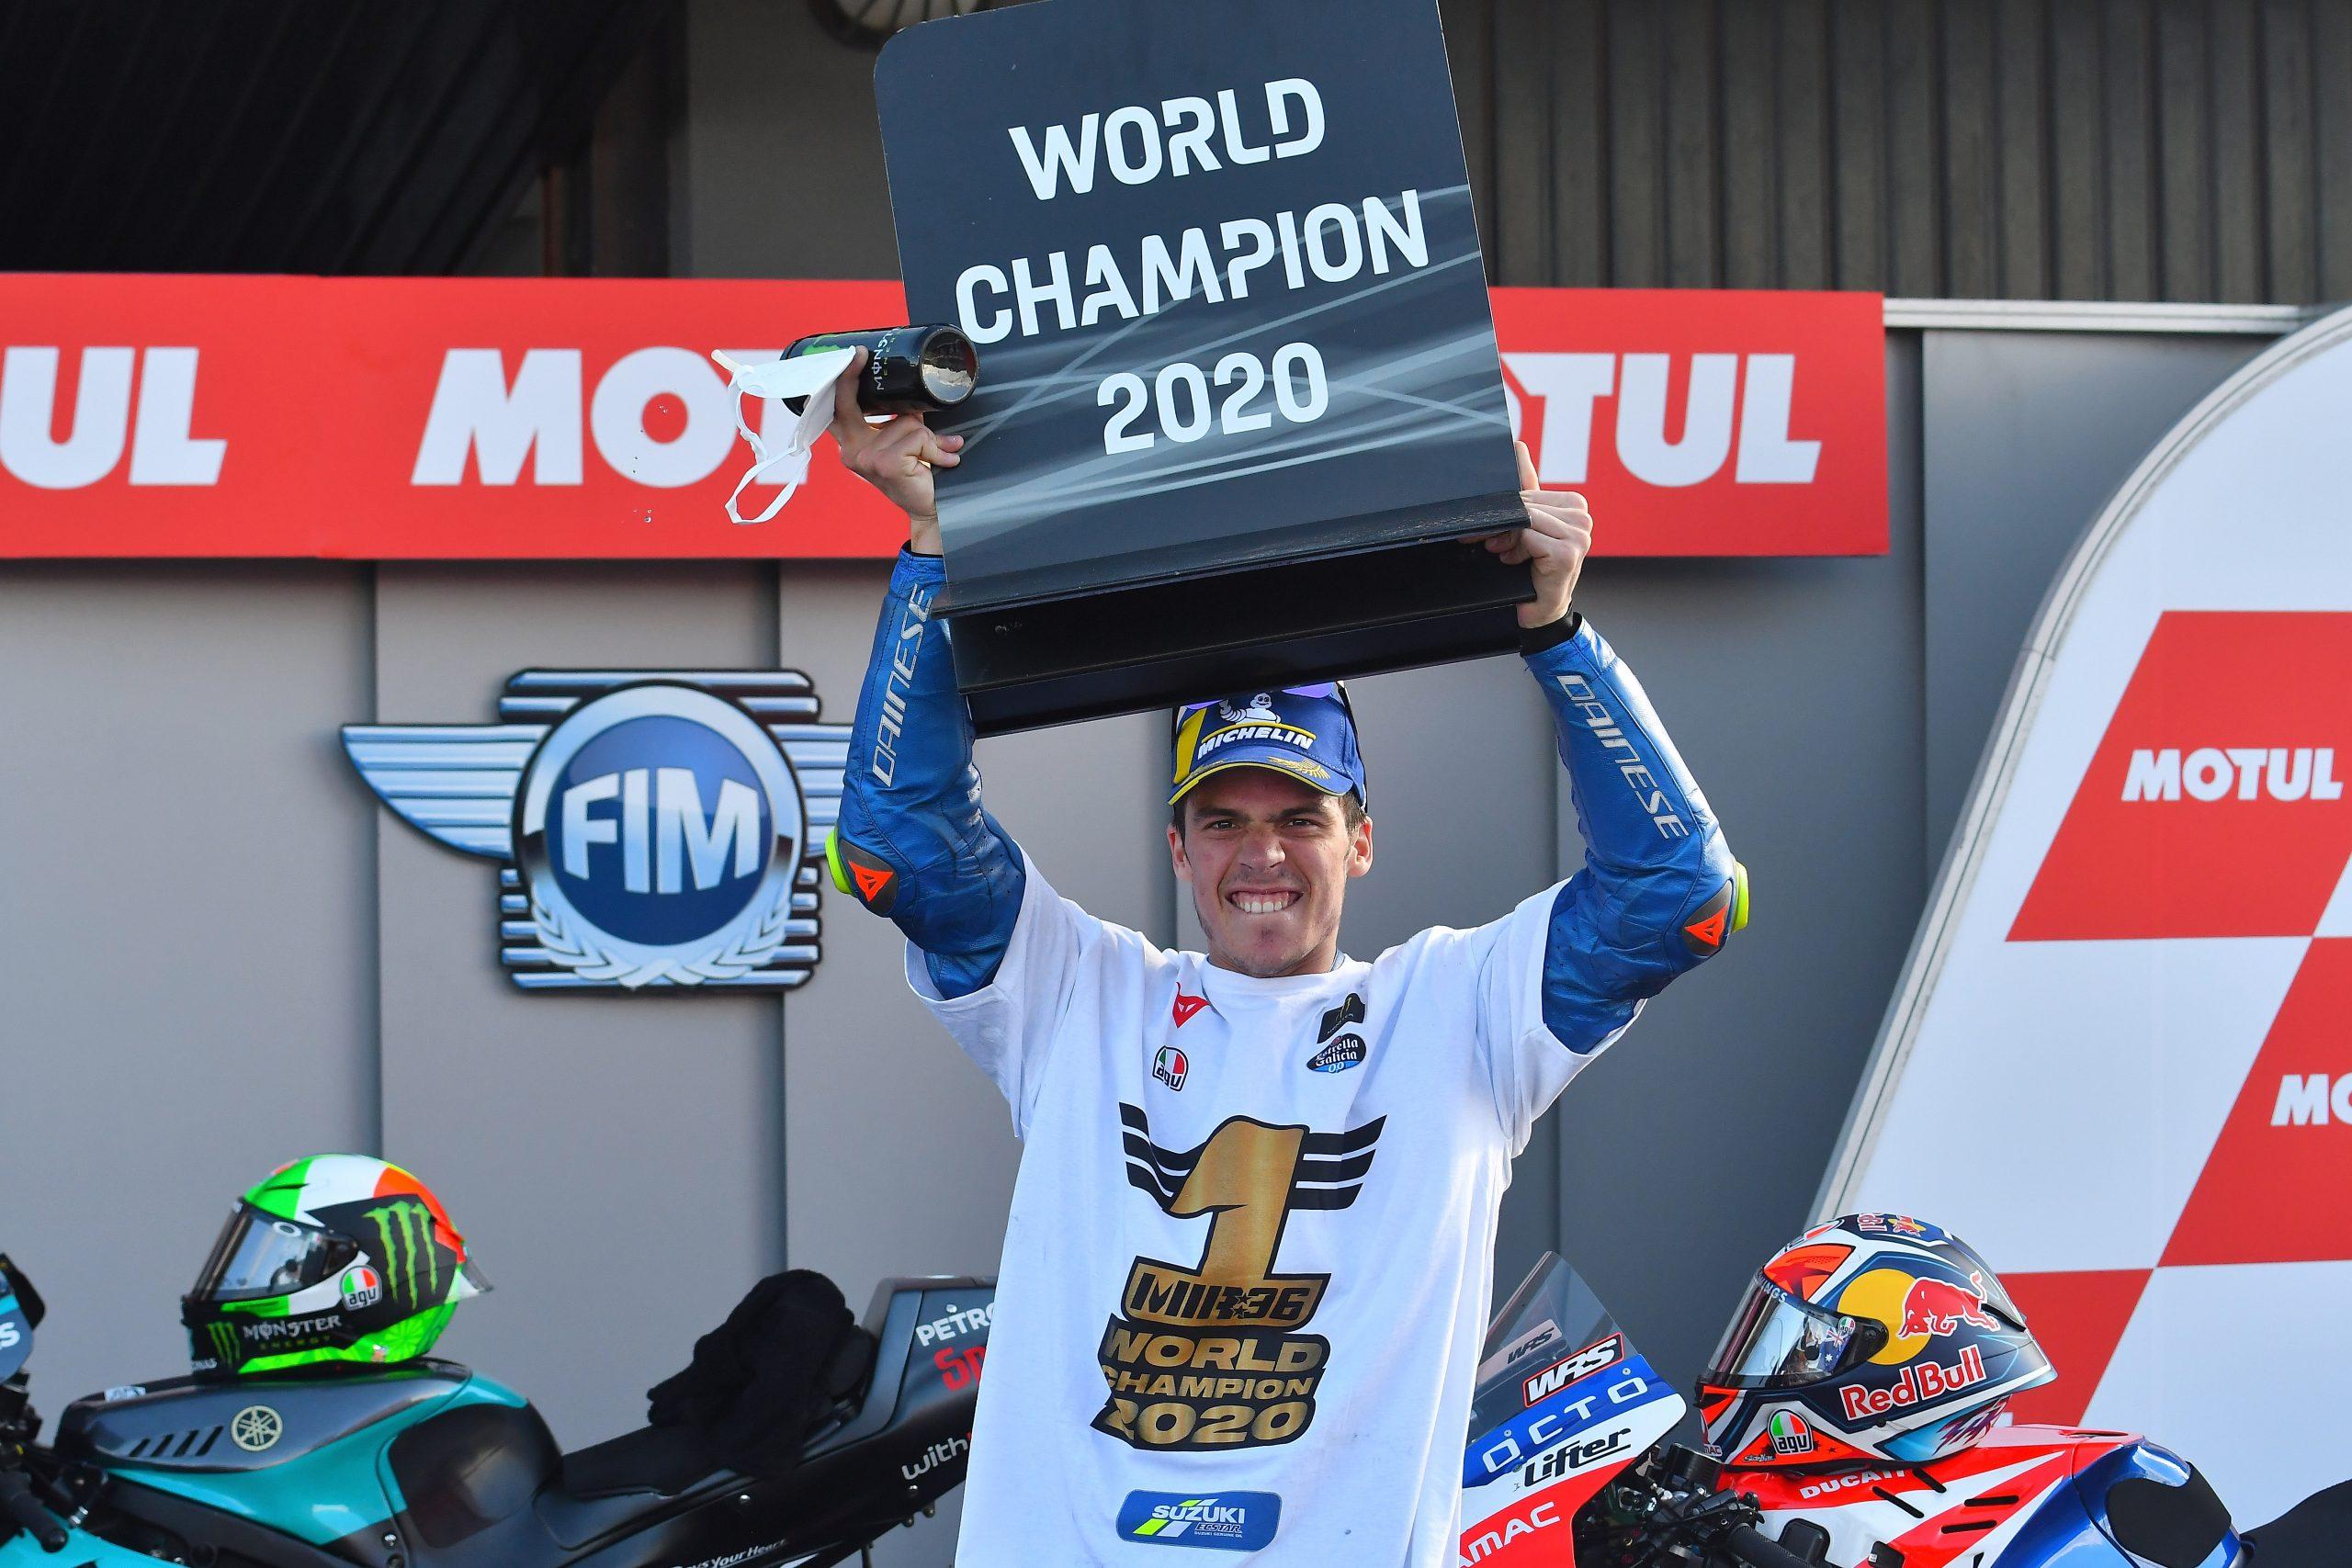 Joan Mir – czy sezon 2021 MotoGP będzie należał do niego?